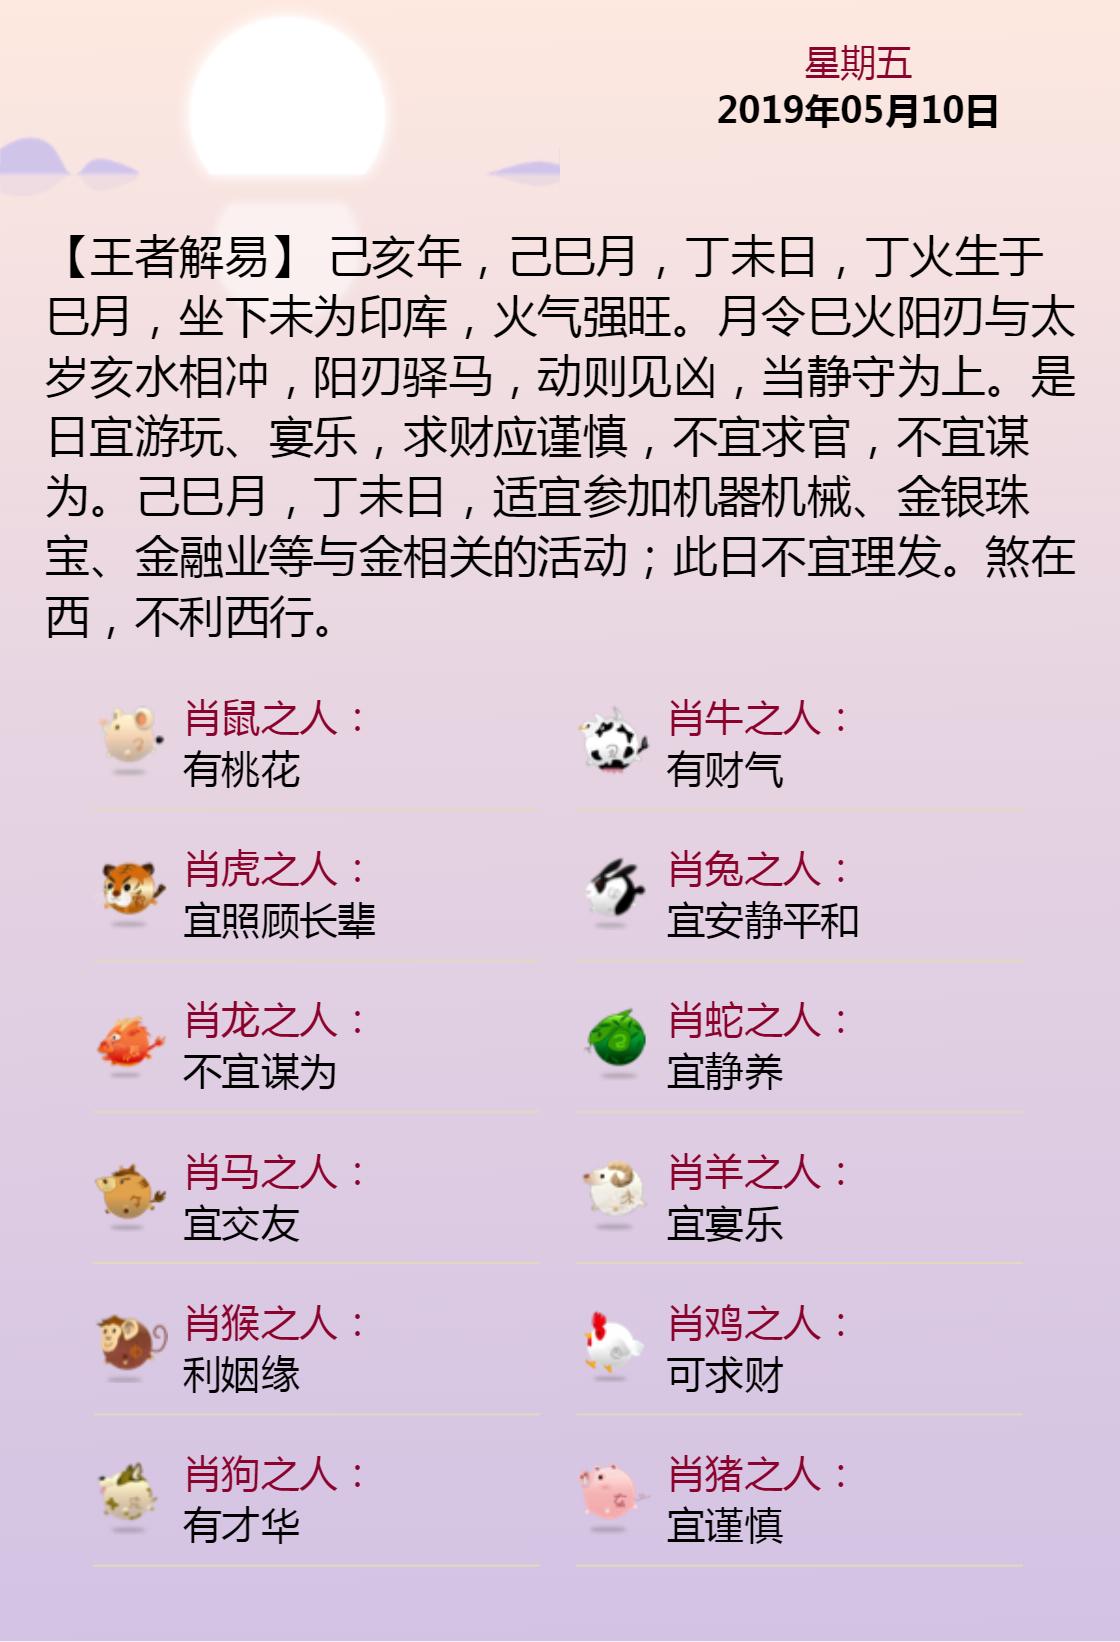 黄历海报20190510.png